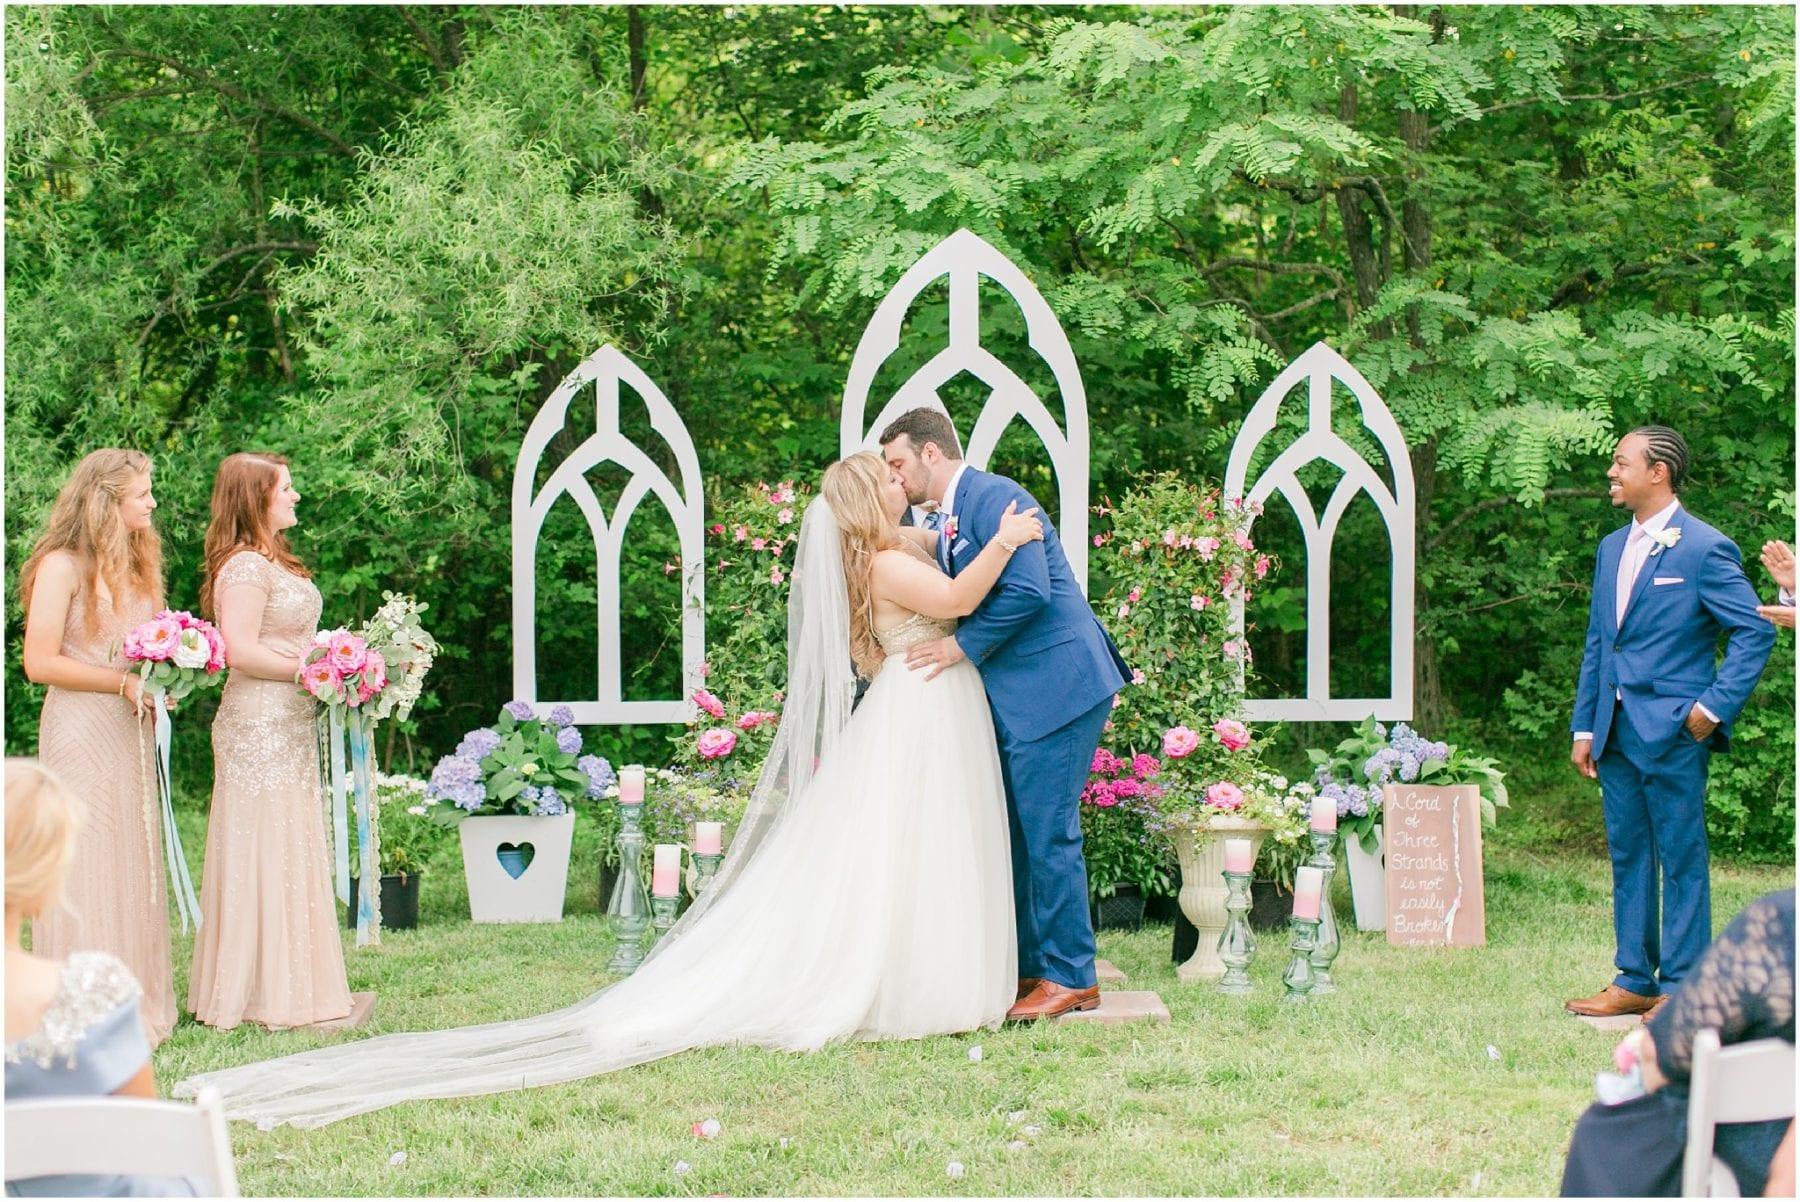 Maryland Backyard Wedding Photos Kelly & Zach Megan Kelsey Photography-235.jpg